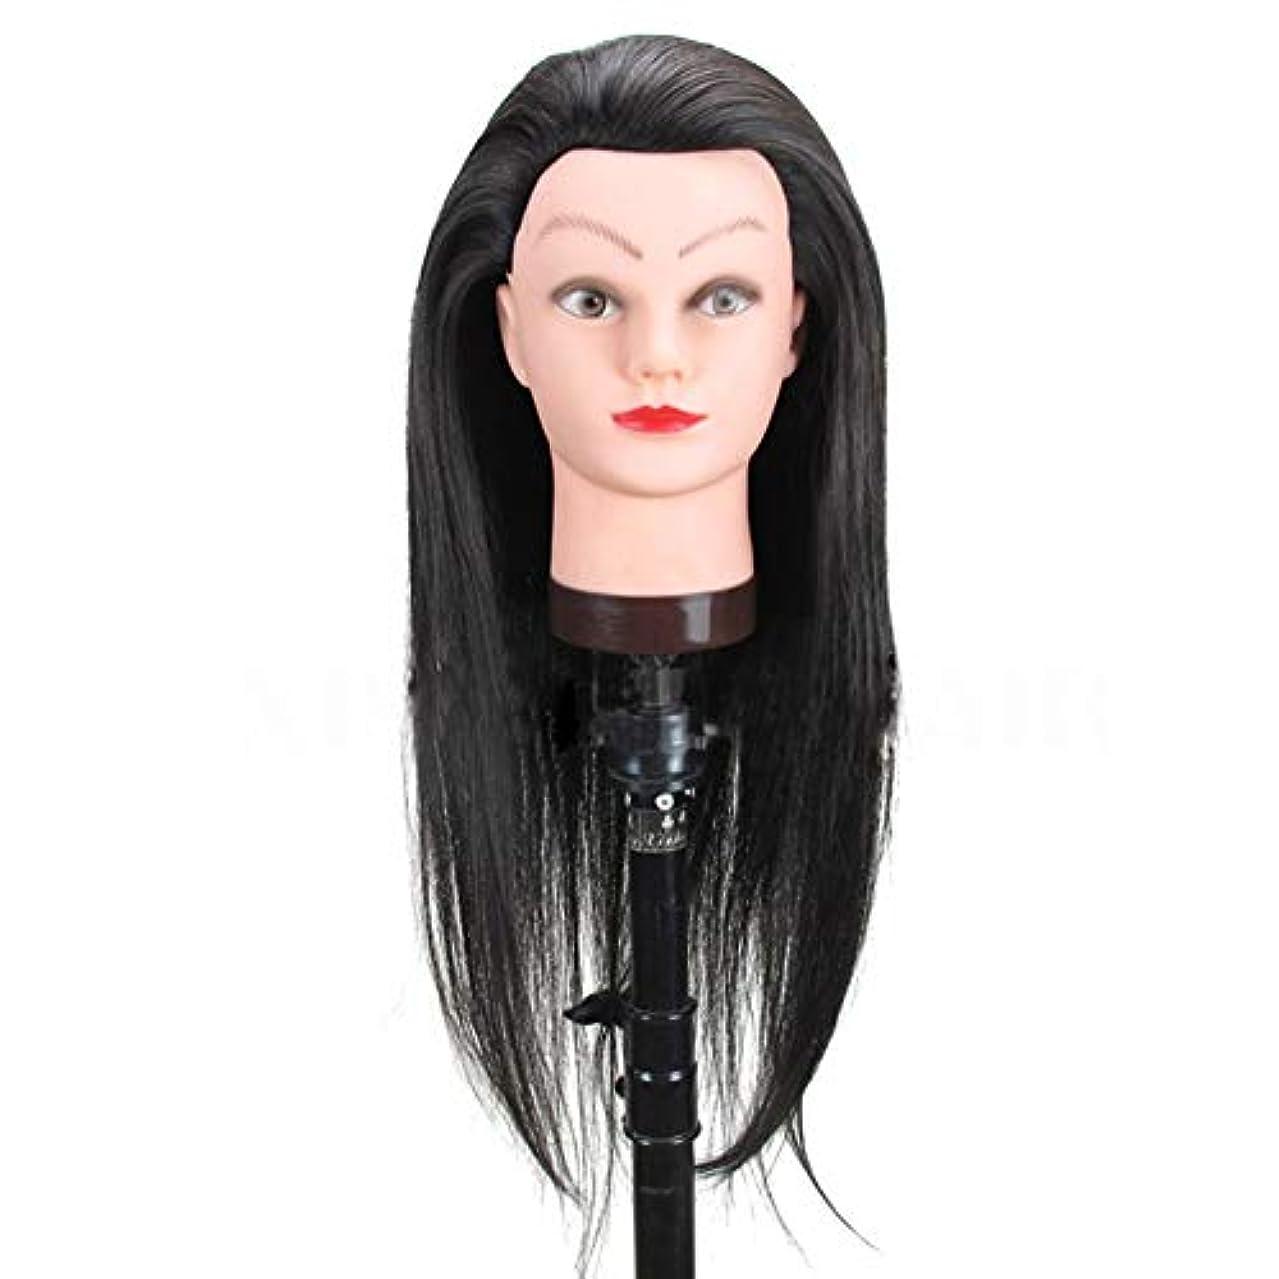 ダンス実験ヒロイックHairdressing Practice Head Model Braided Hair Training Head Head Barbershop Haircut Learning Dummy Mannequin Head.